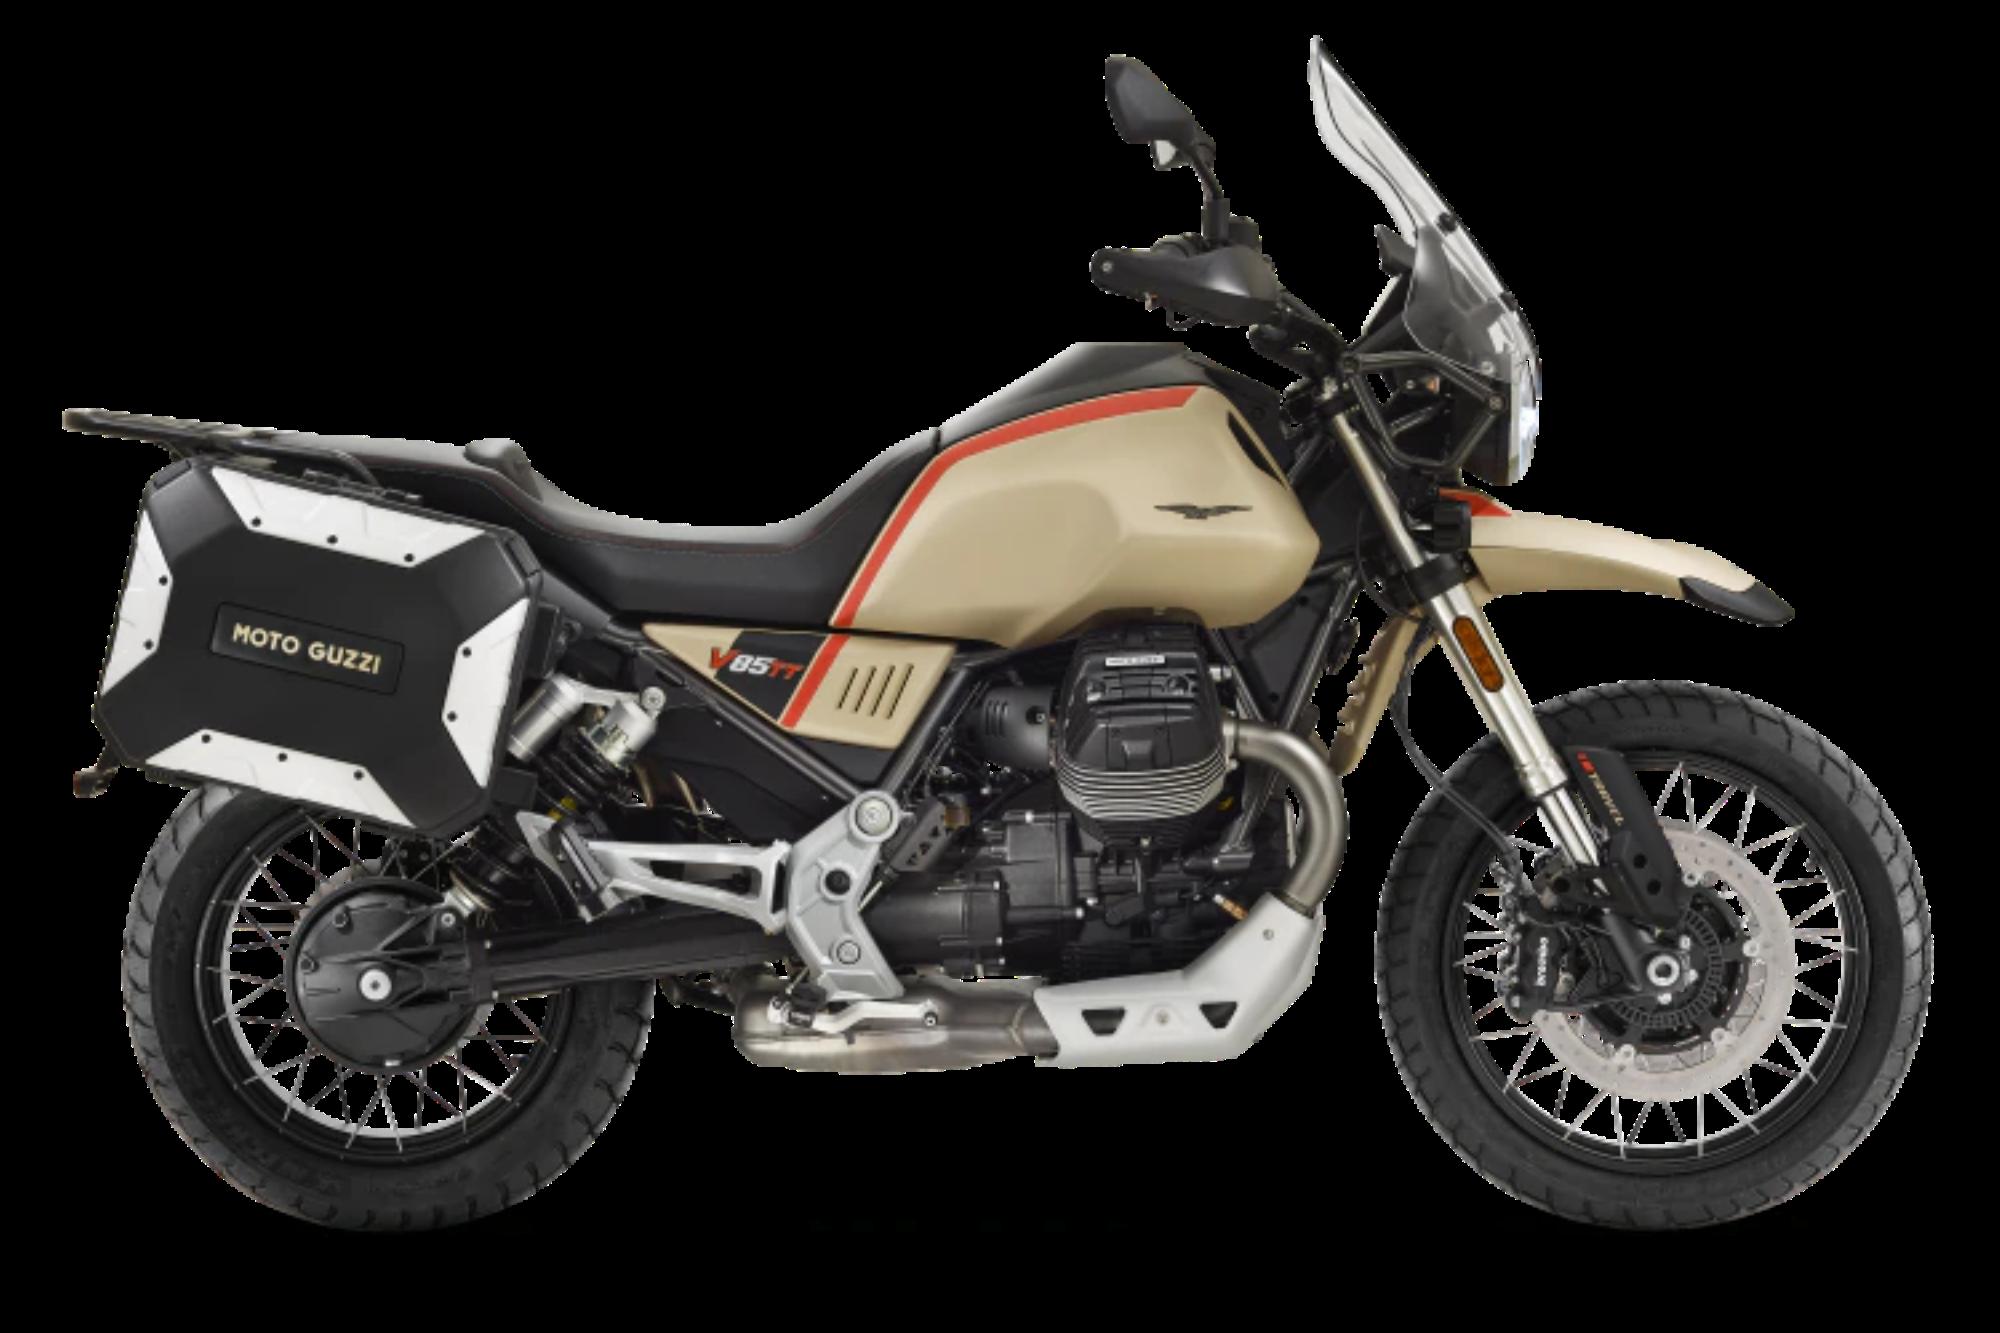 Moto Guzzi V85 TT 850 E5 Travel